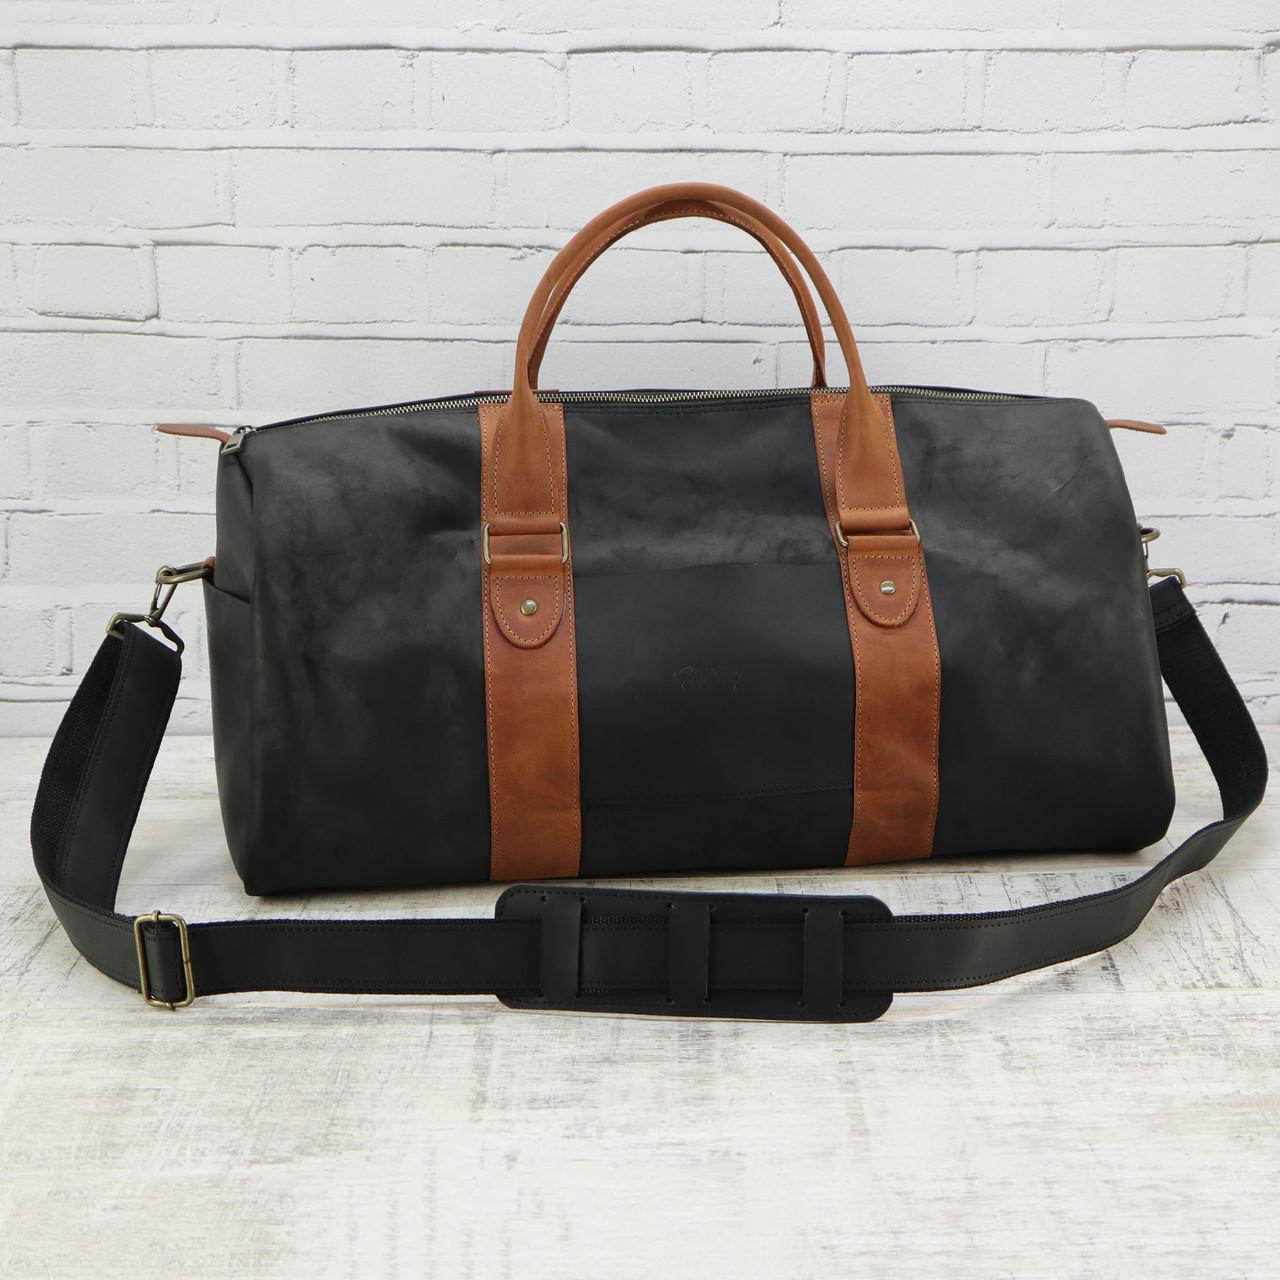 Дорожная сумка tube 2 чёрная из натуральной кожи crazy horse